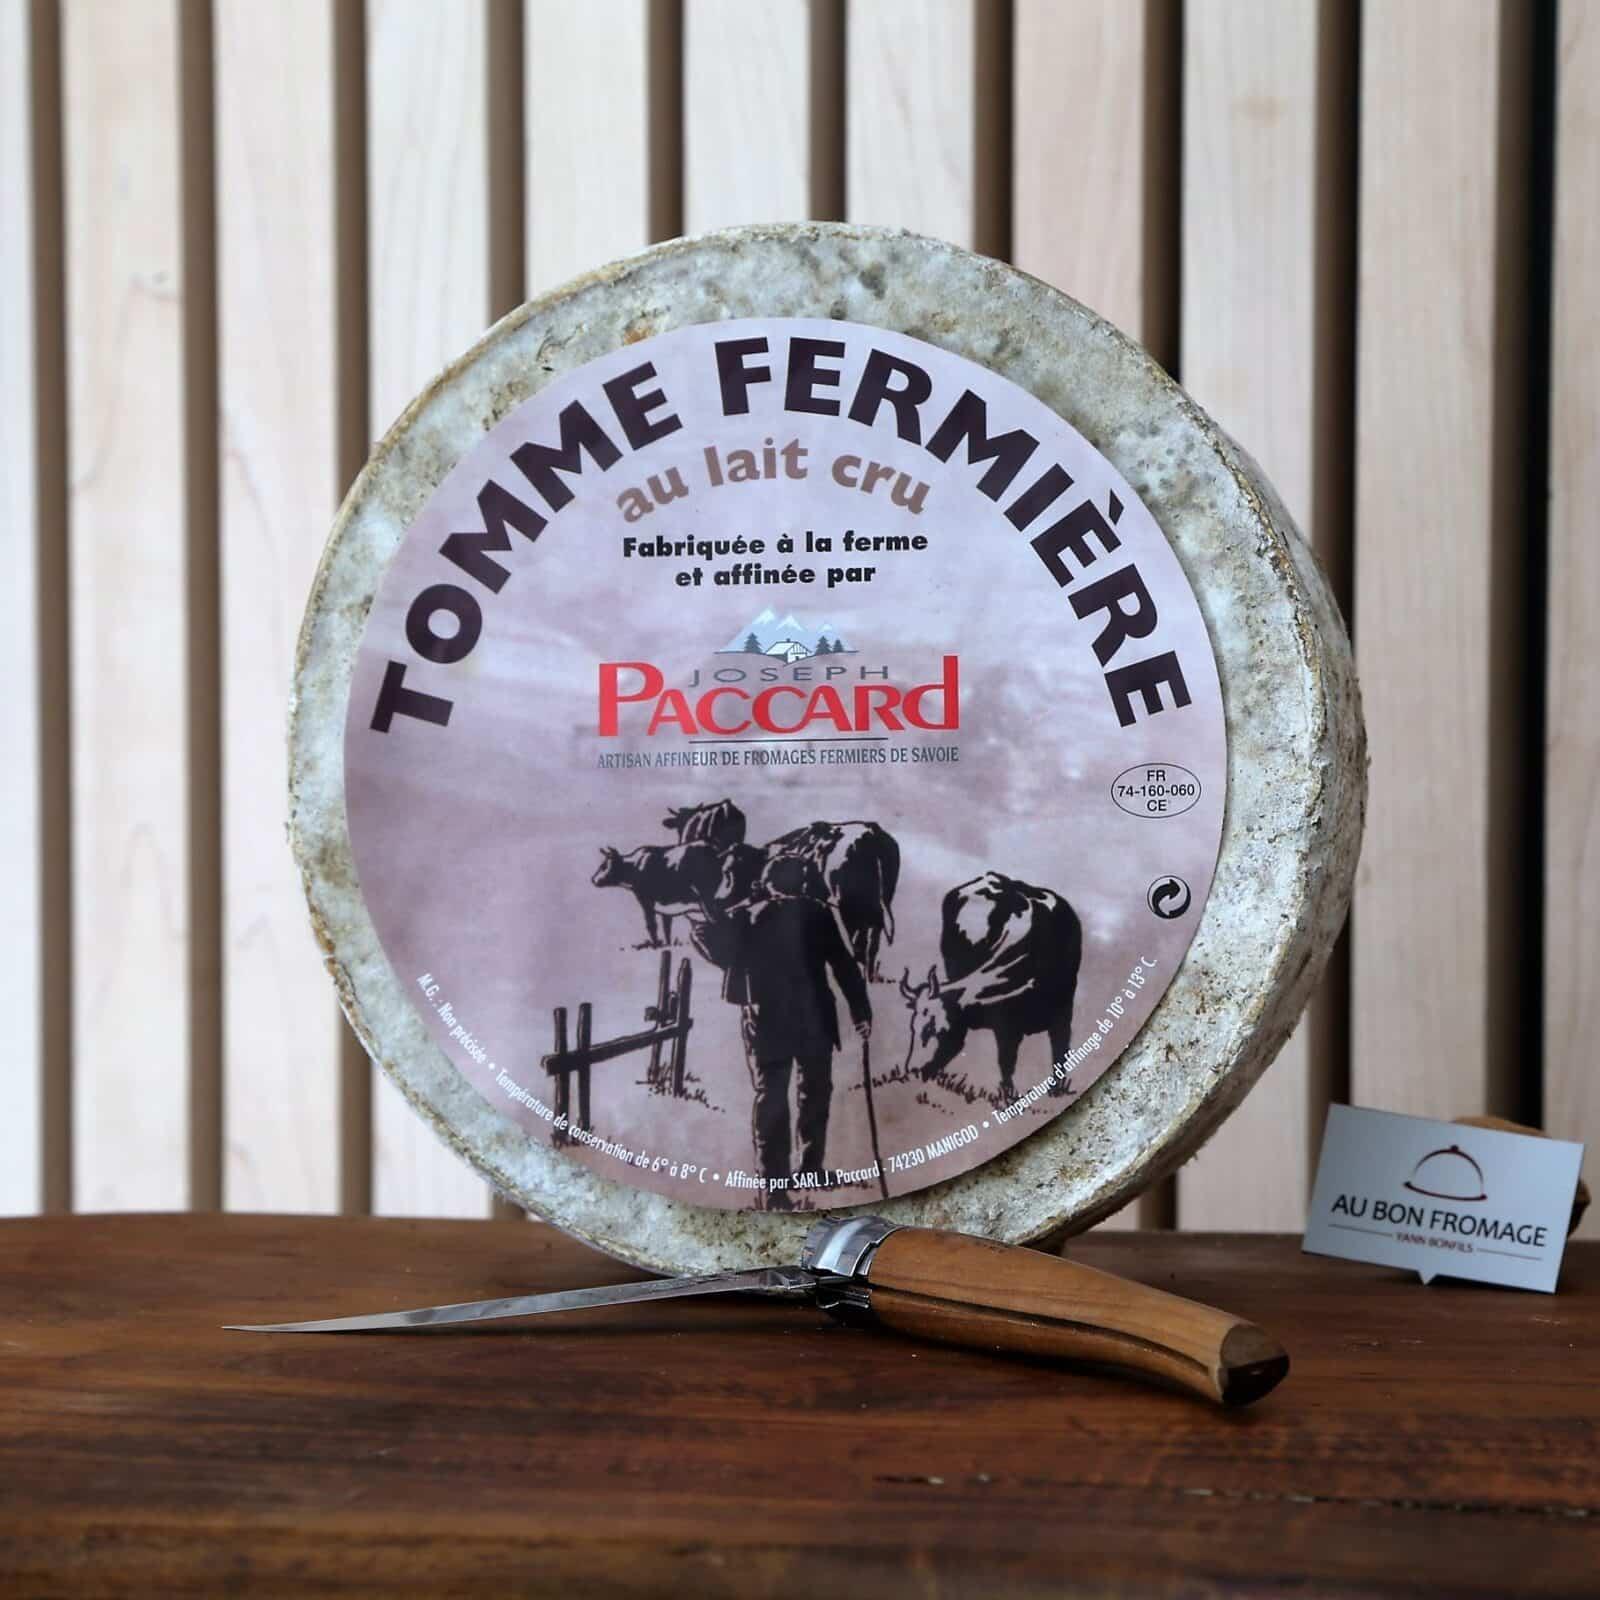 Tomme Fermiere aubonfromage.re Yann Bonfils Réunion (2)